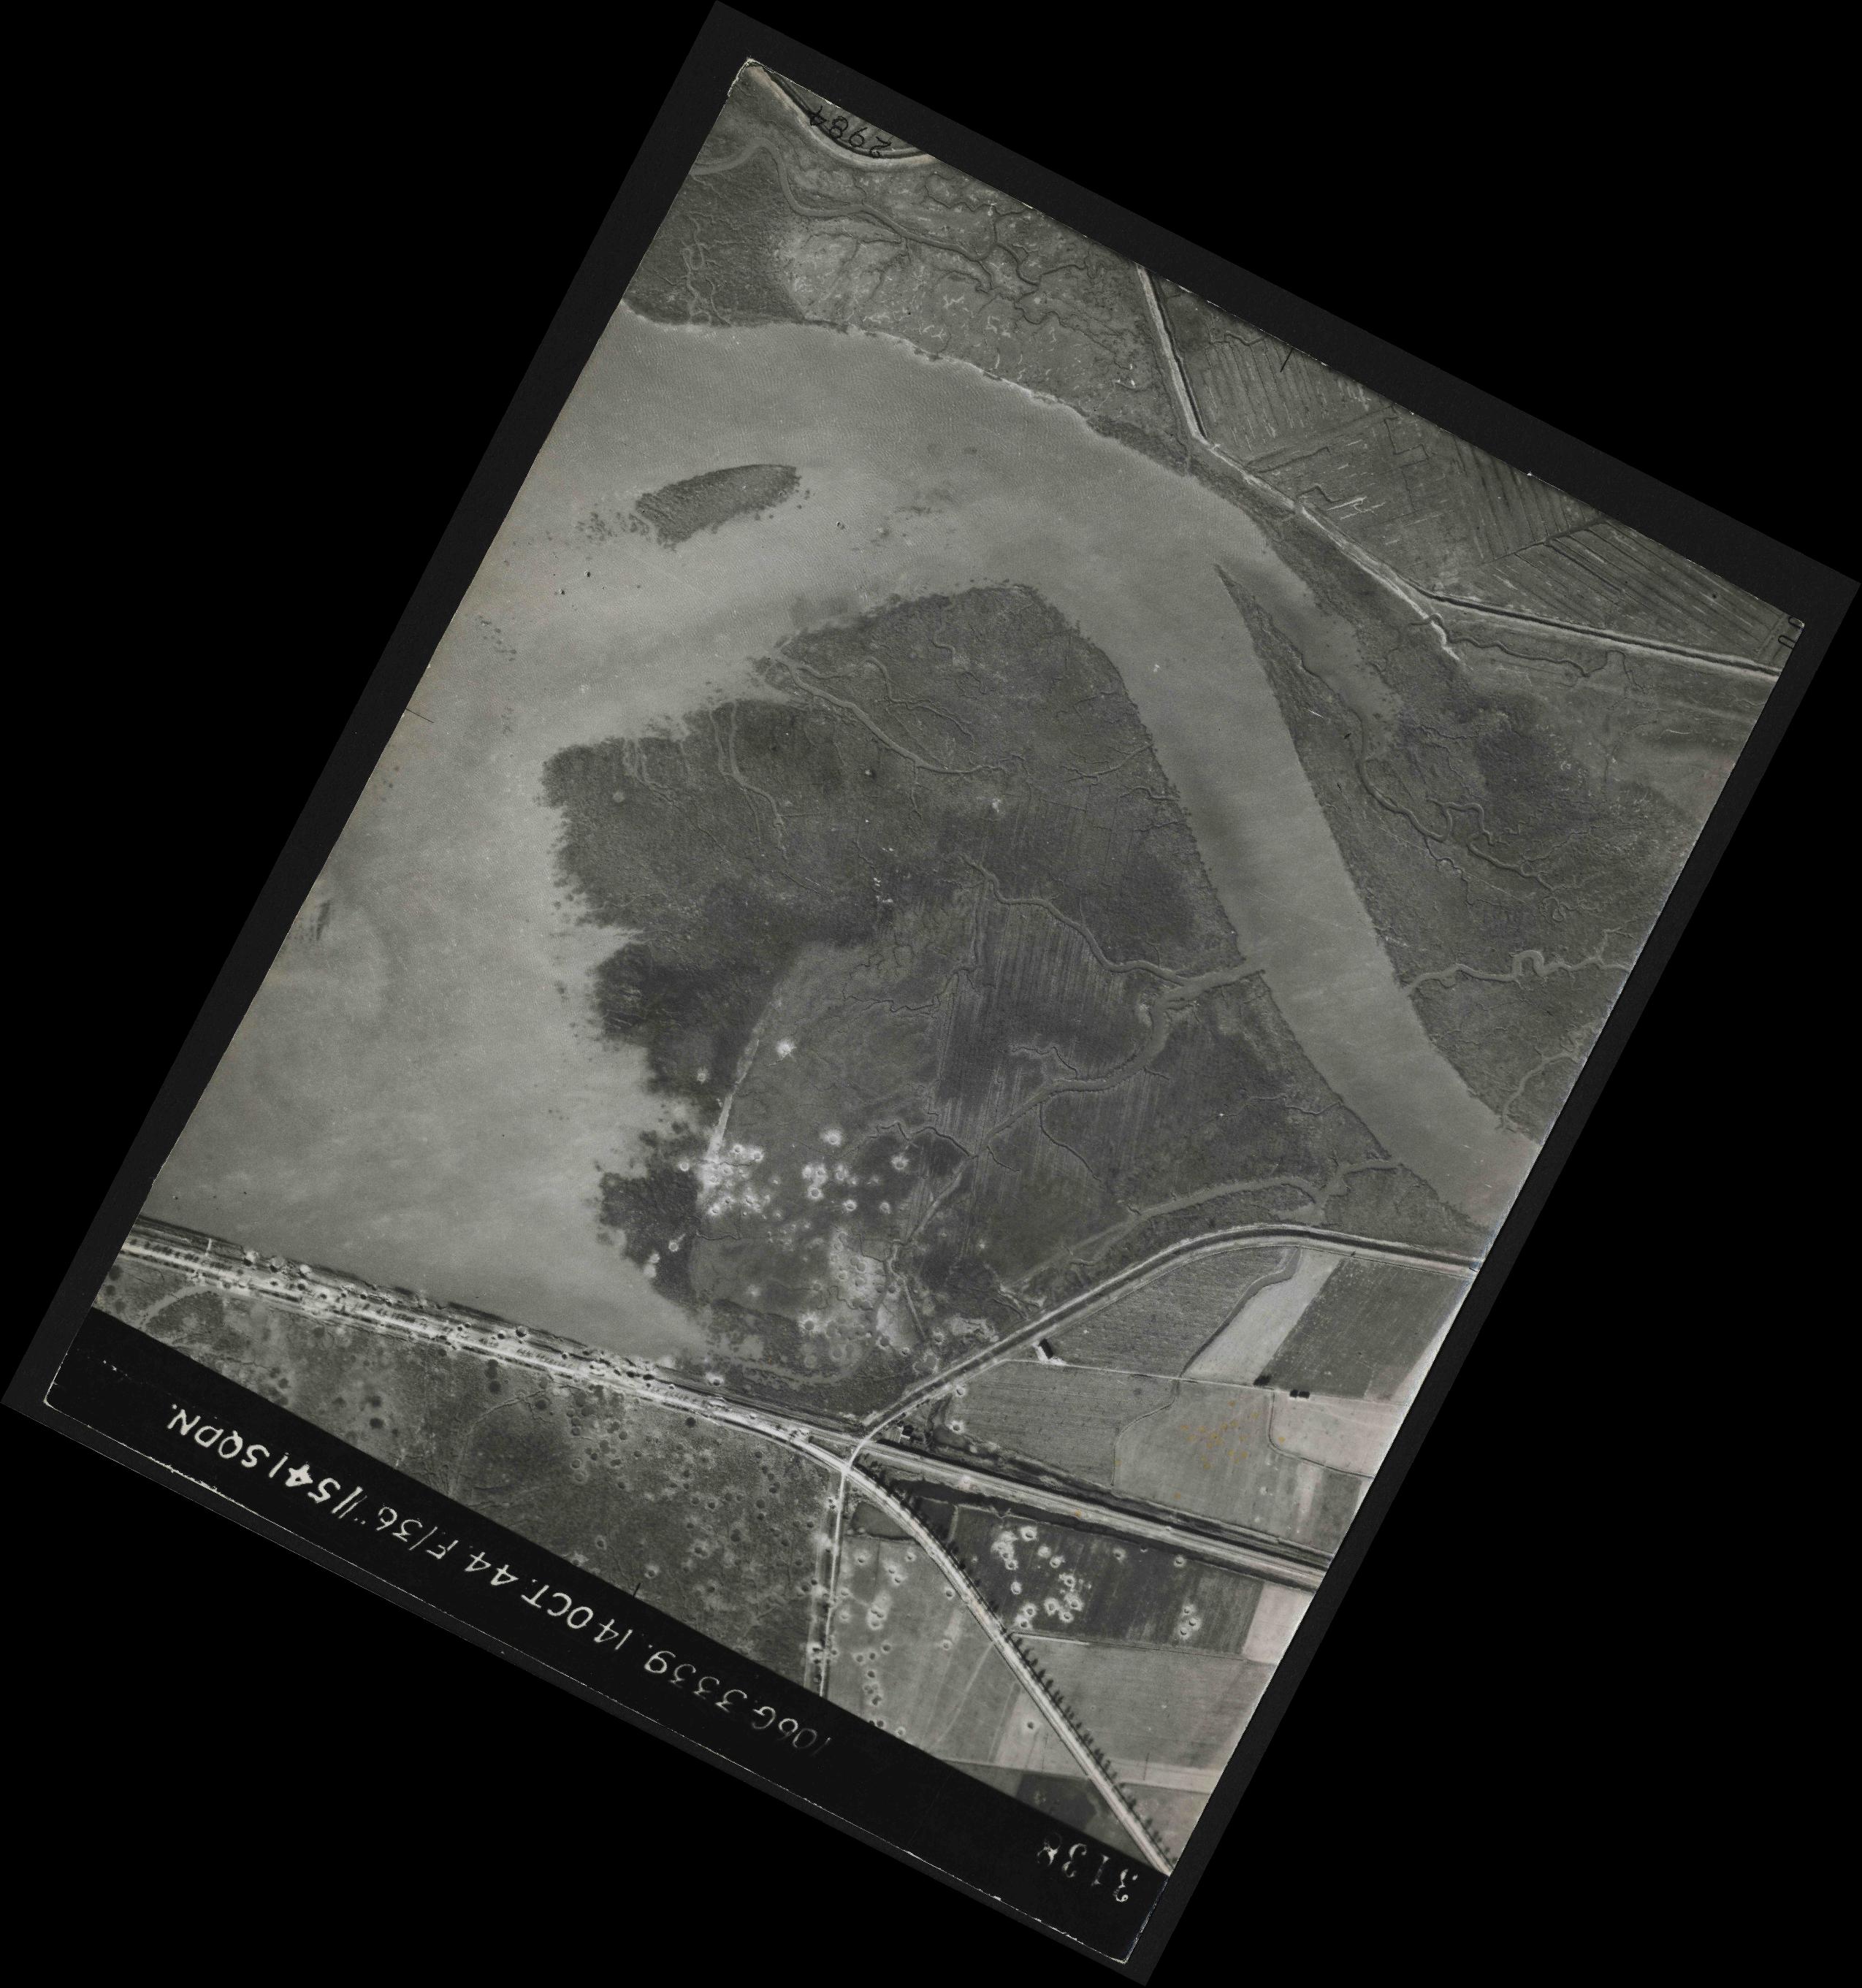 Collection RAF aerial photos 1940-1945 - flight 042, run 06, photo 3138